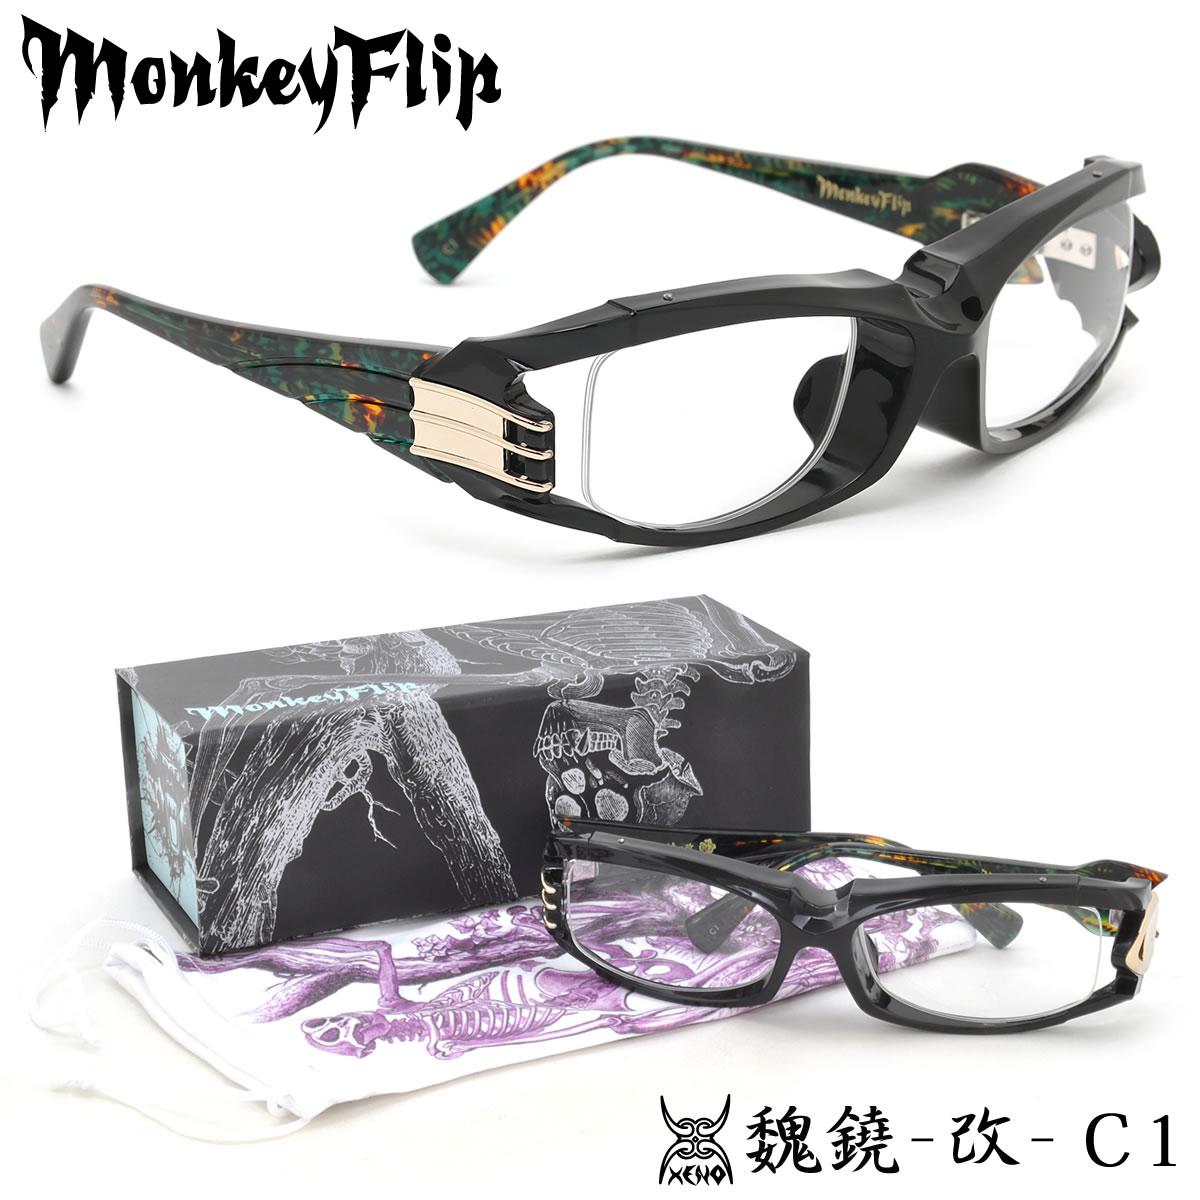 ほぼ全品ポイント15倍~最大43倍+3倍!お得なクーポンも! 【Monkey Flip】(モンキーフリップ) メガネ 魏鐃改 C1 61サイズ 魏鐃-改- XENO ギドラカイ ゼノ モンキーフリップ MonkeyFlip メンズ レディース